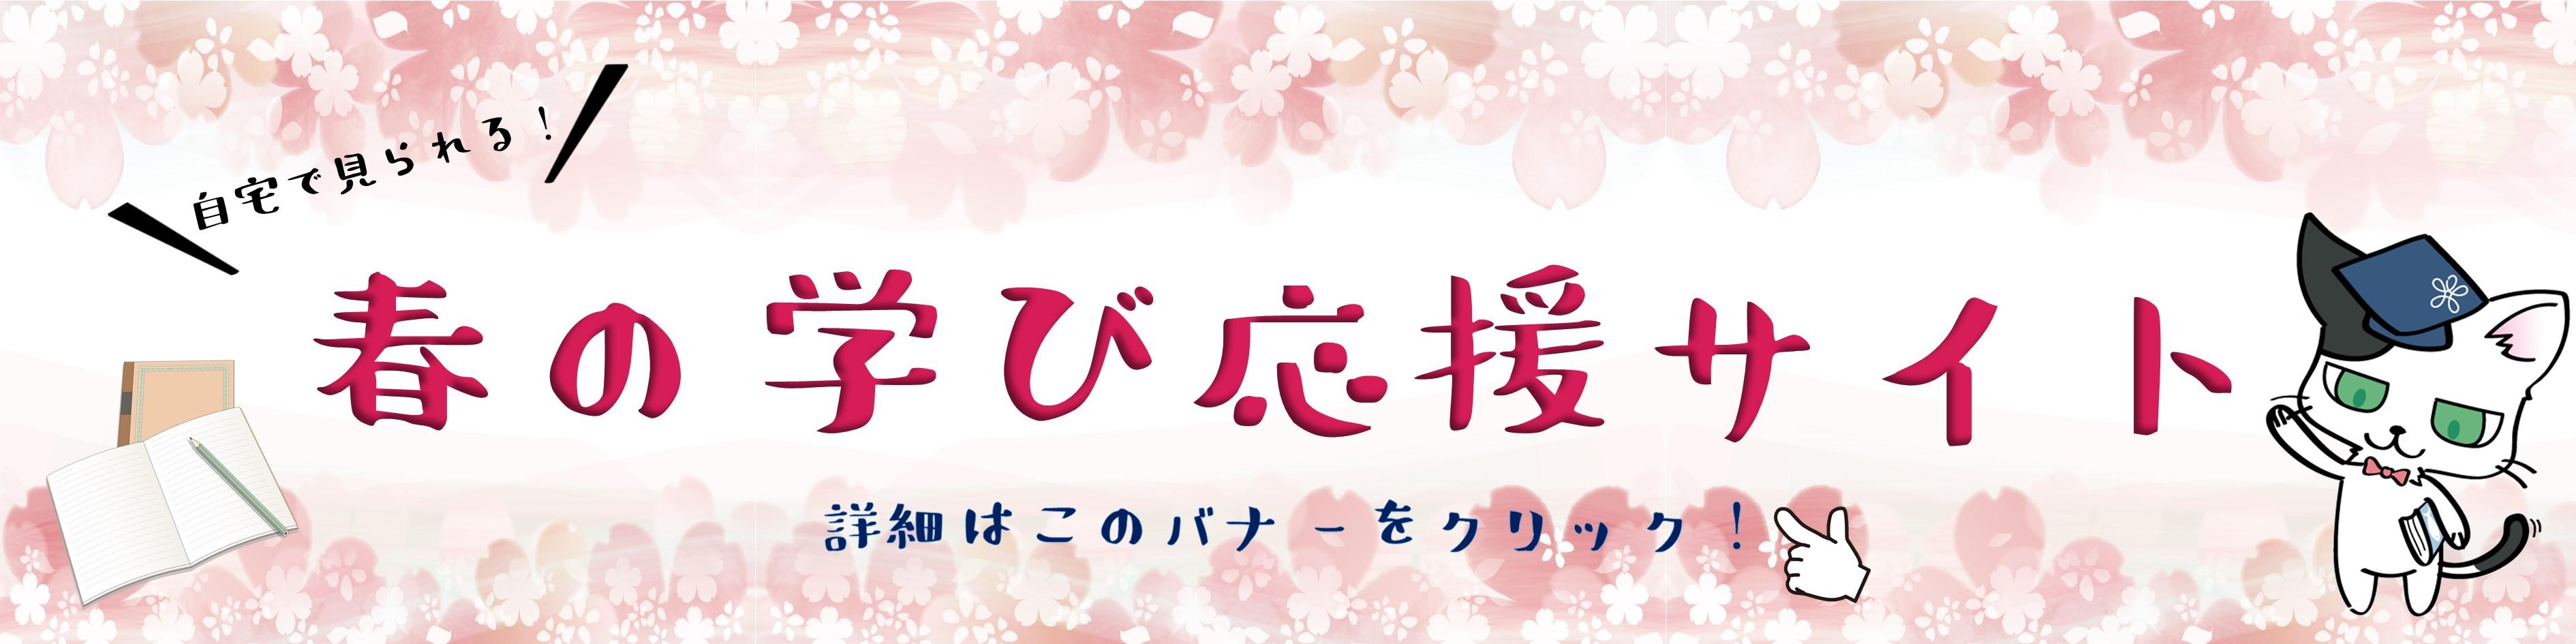 自宅から利用できる電子図書館サービス【バナー:春の学び応援サイト】